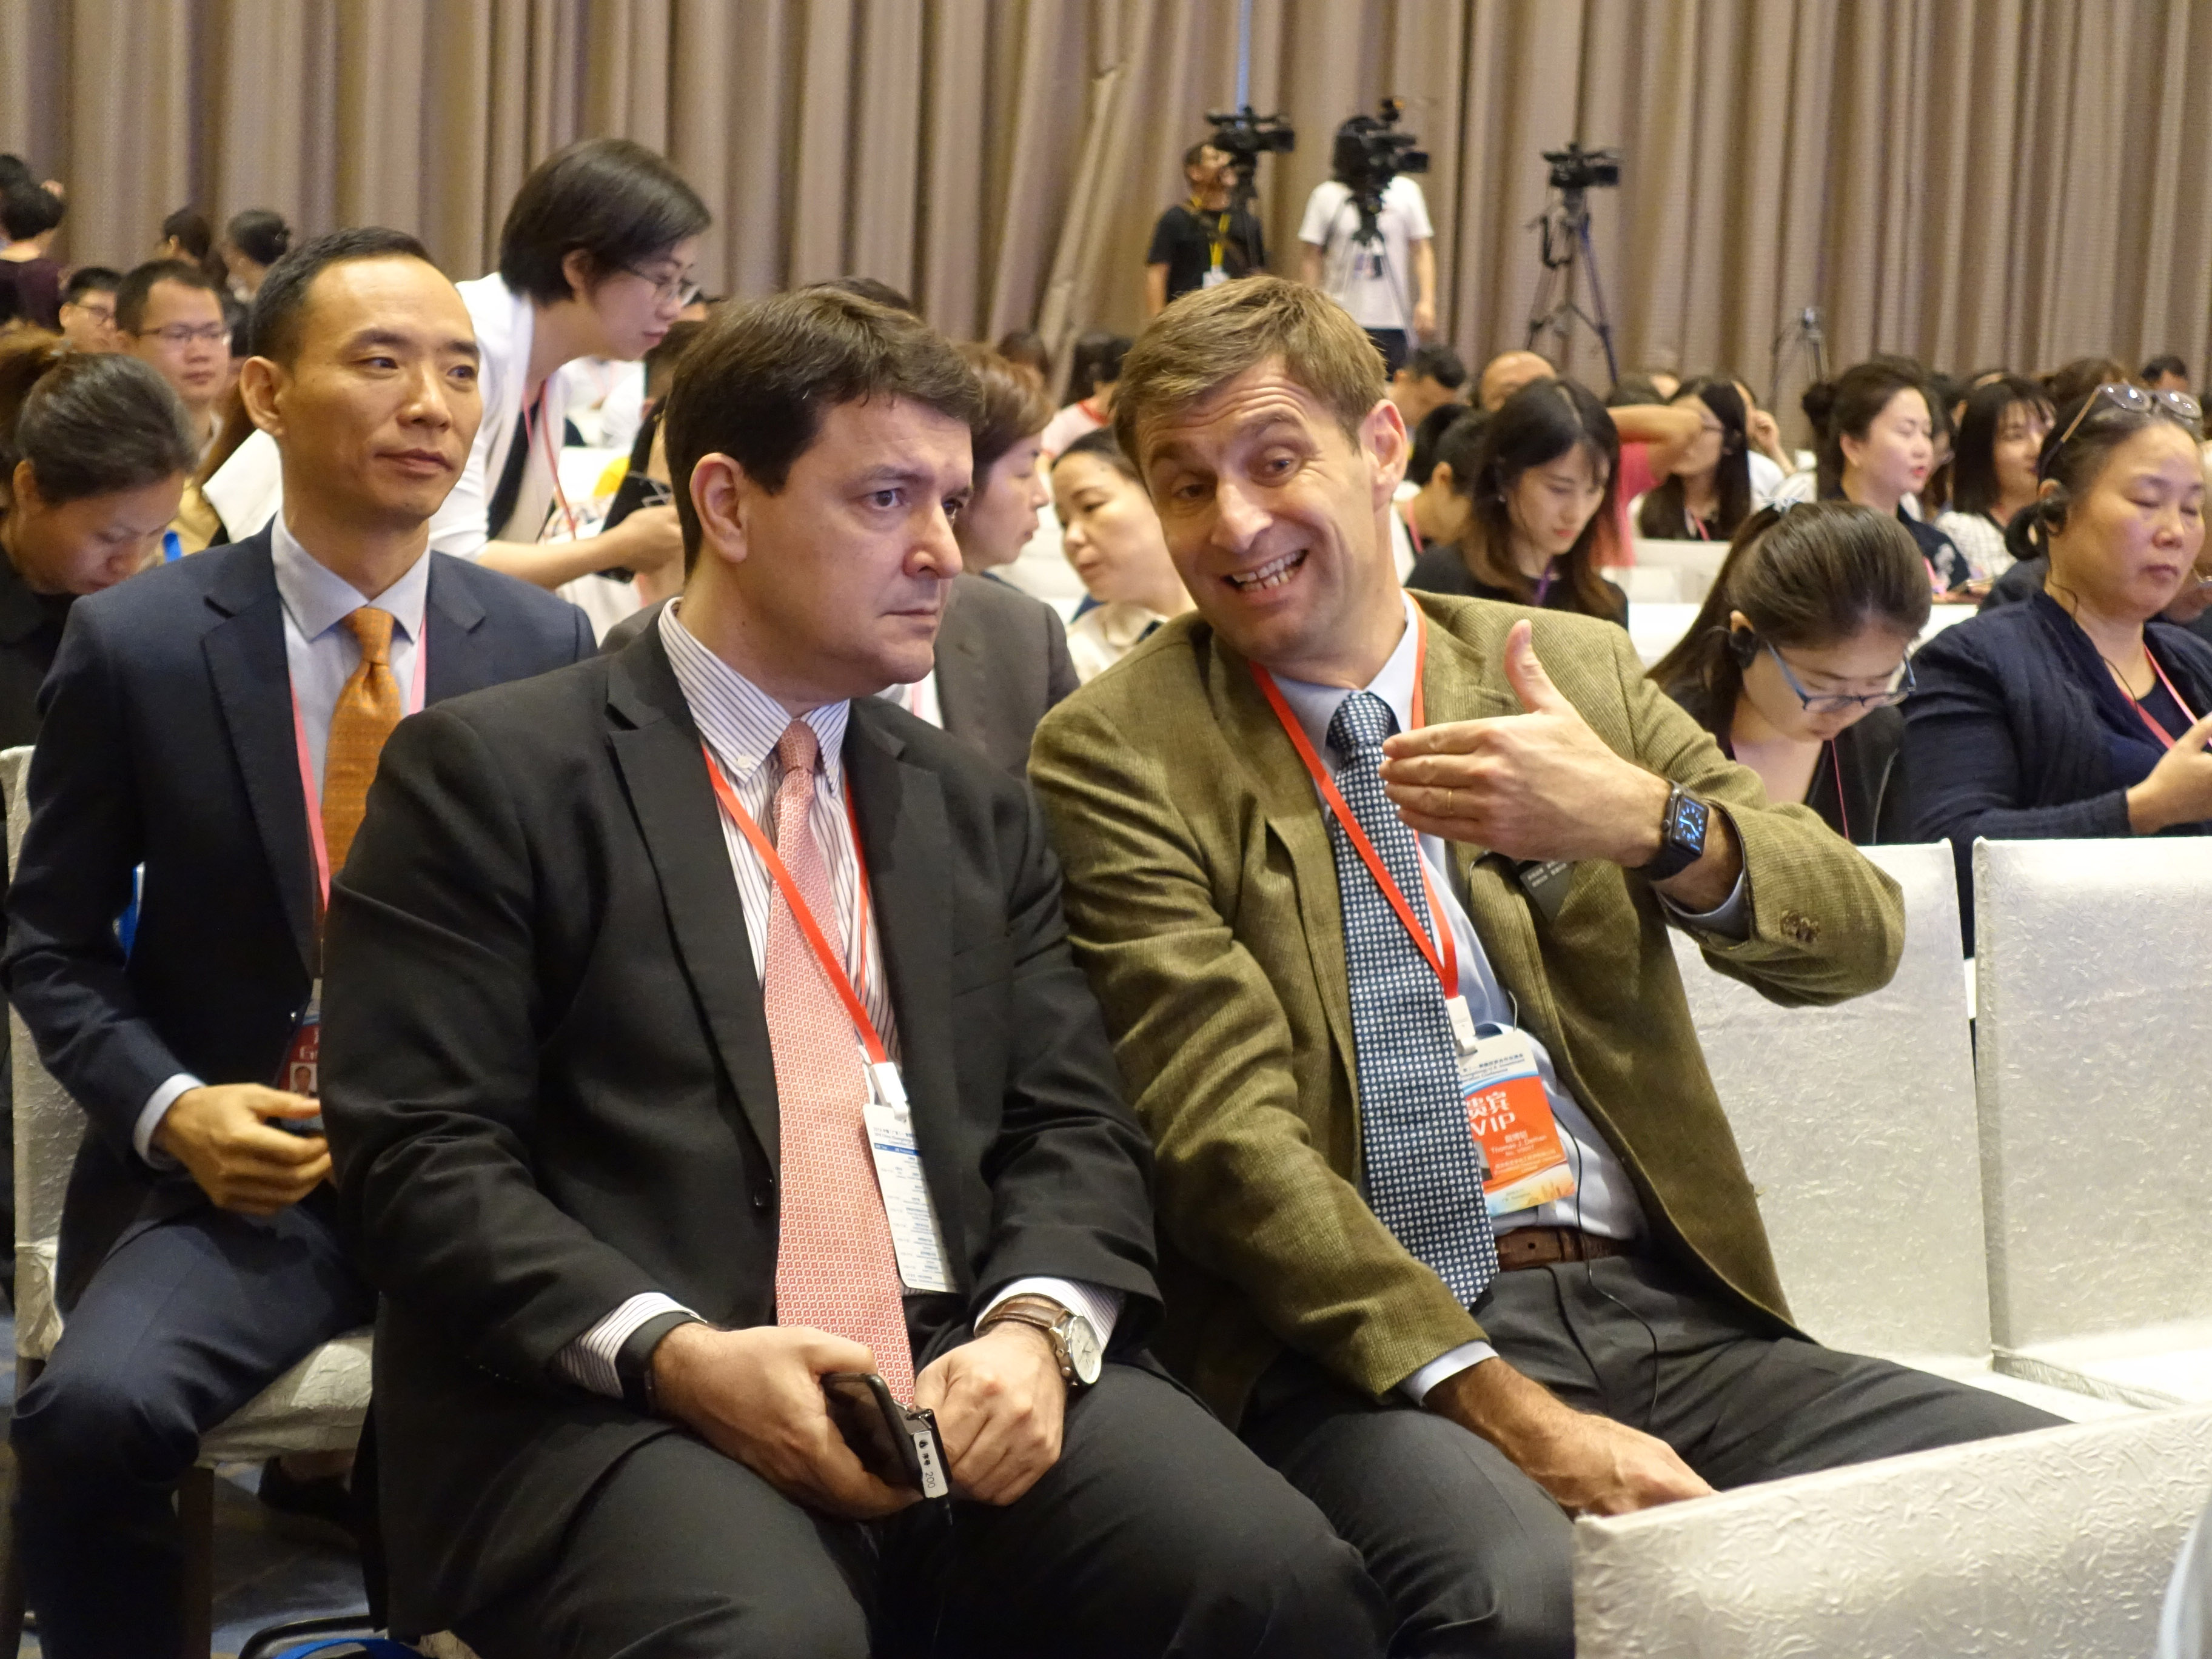 不少美國商人在積極進入中國市場。圖為兩名美國商人在廣東參加推介會。